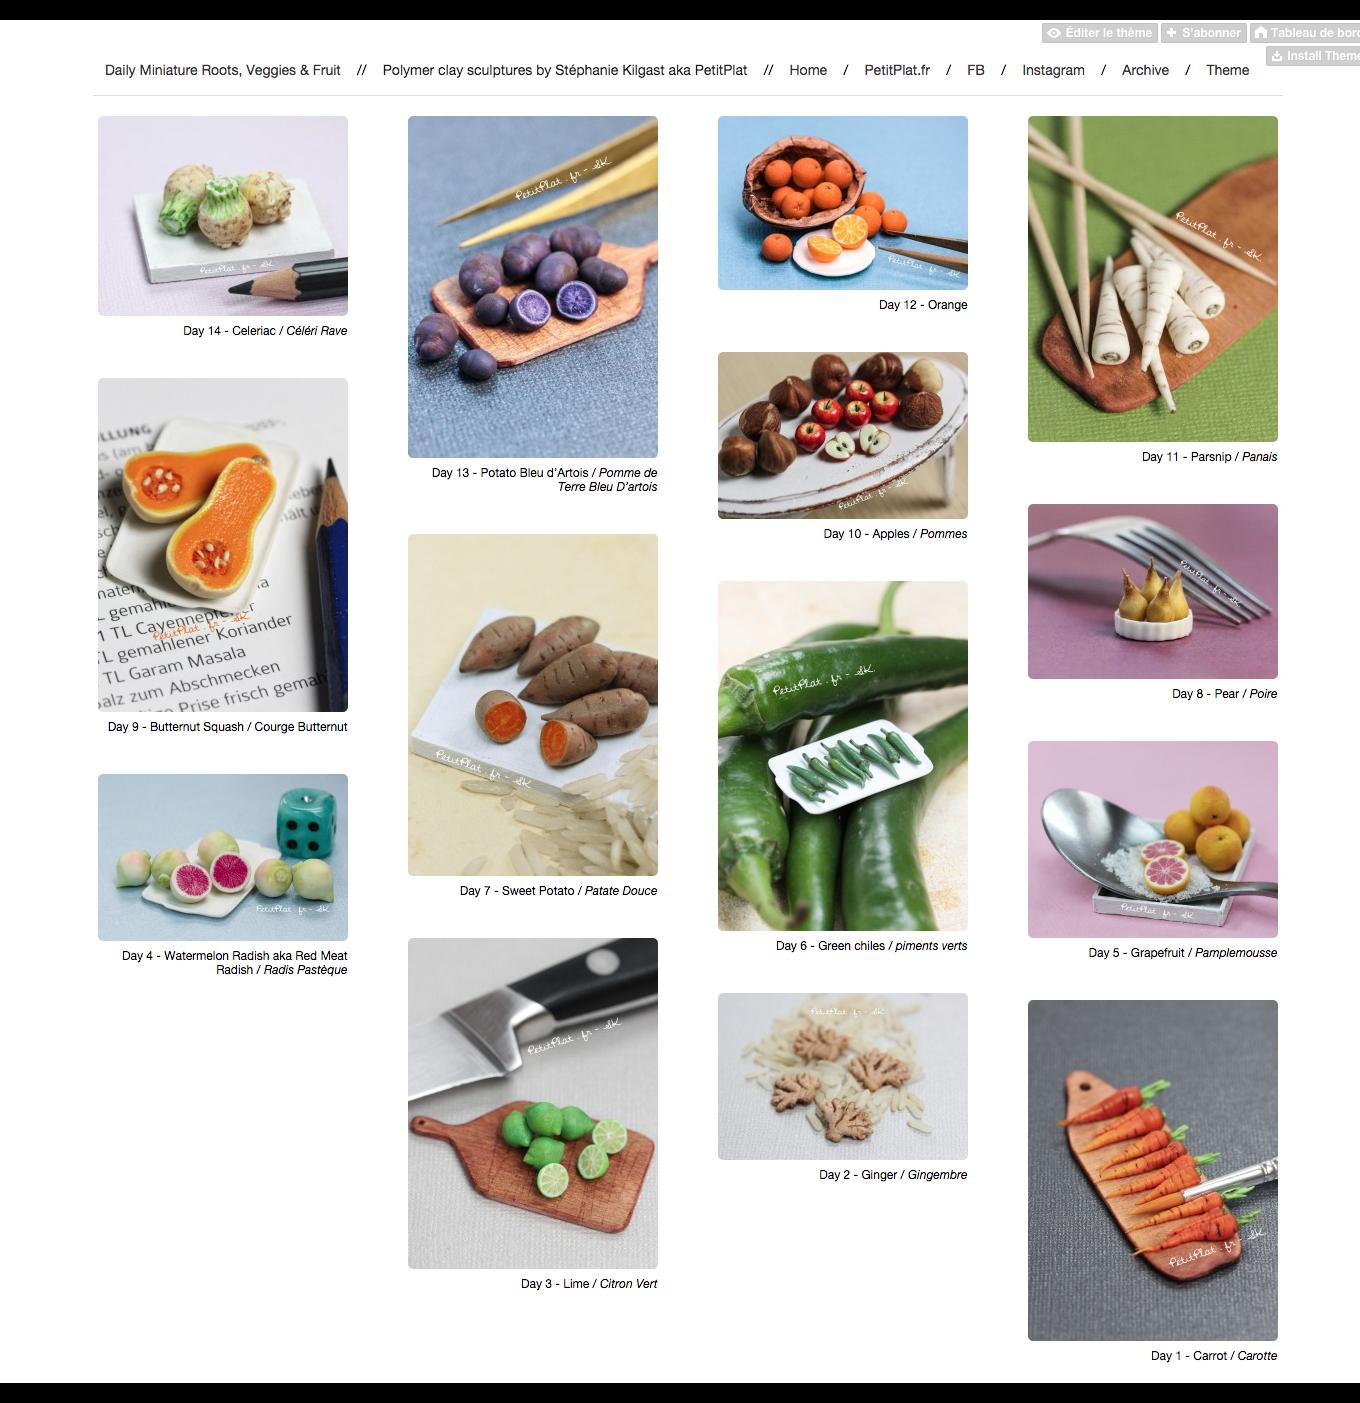 每日迷你蔬菜,2015年第2周,斯特凡妮·基尔加斯特(StéphanieKilgast)